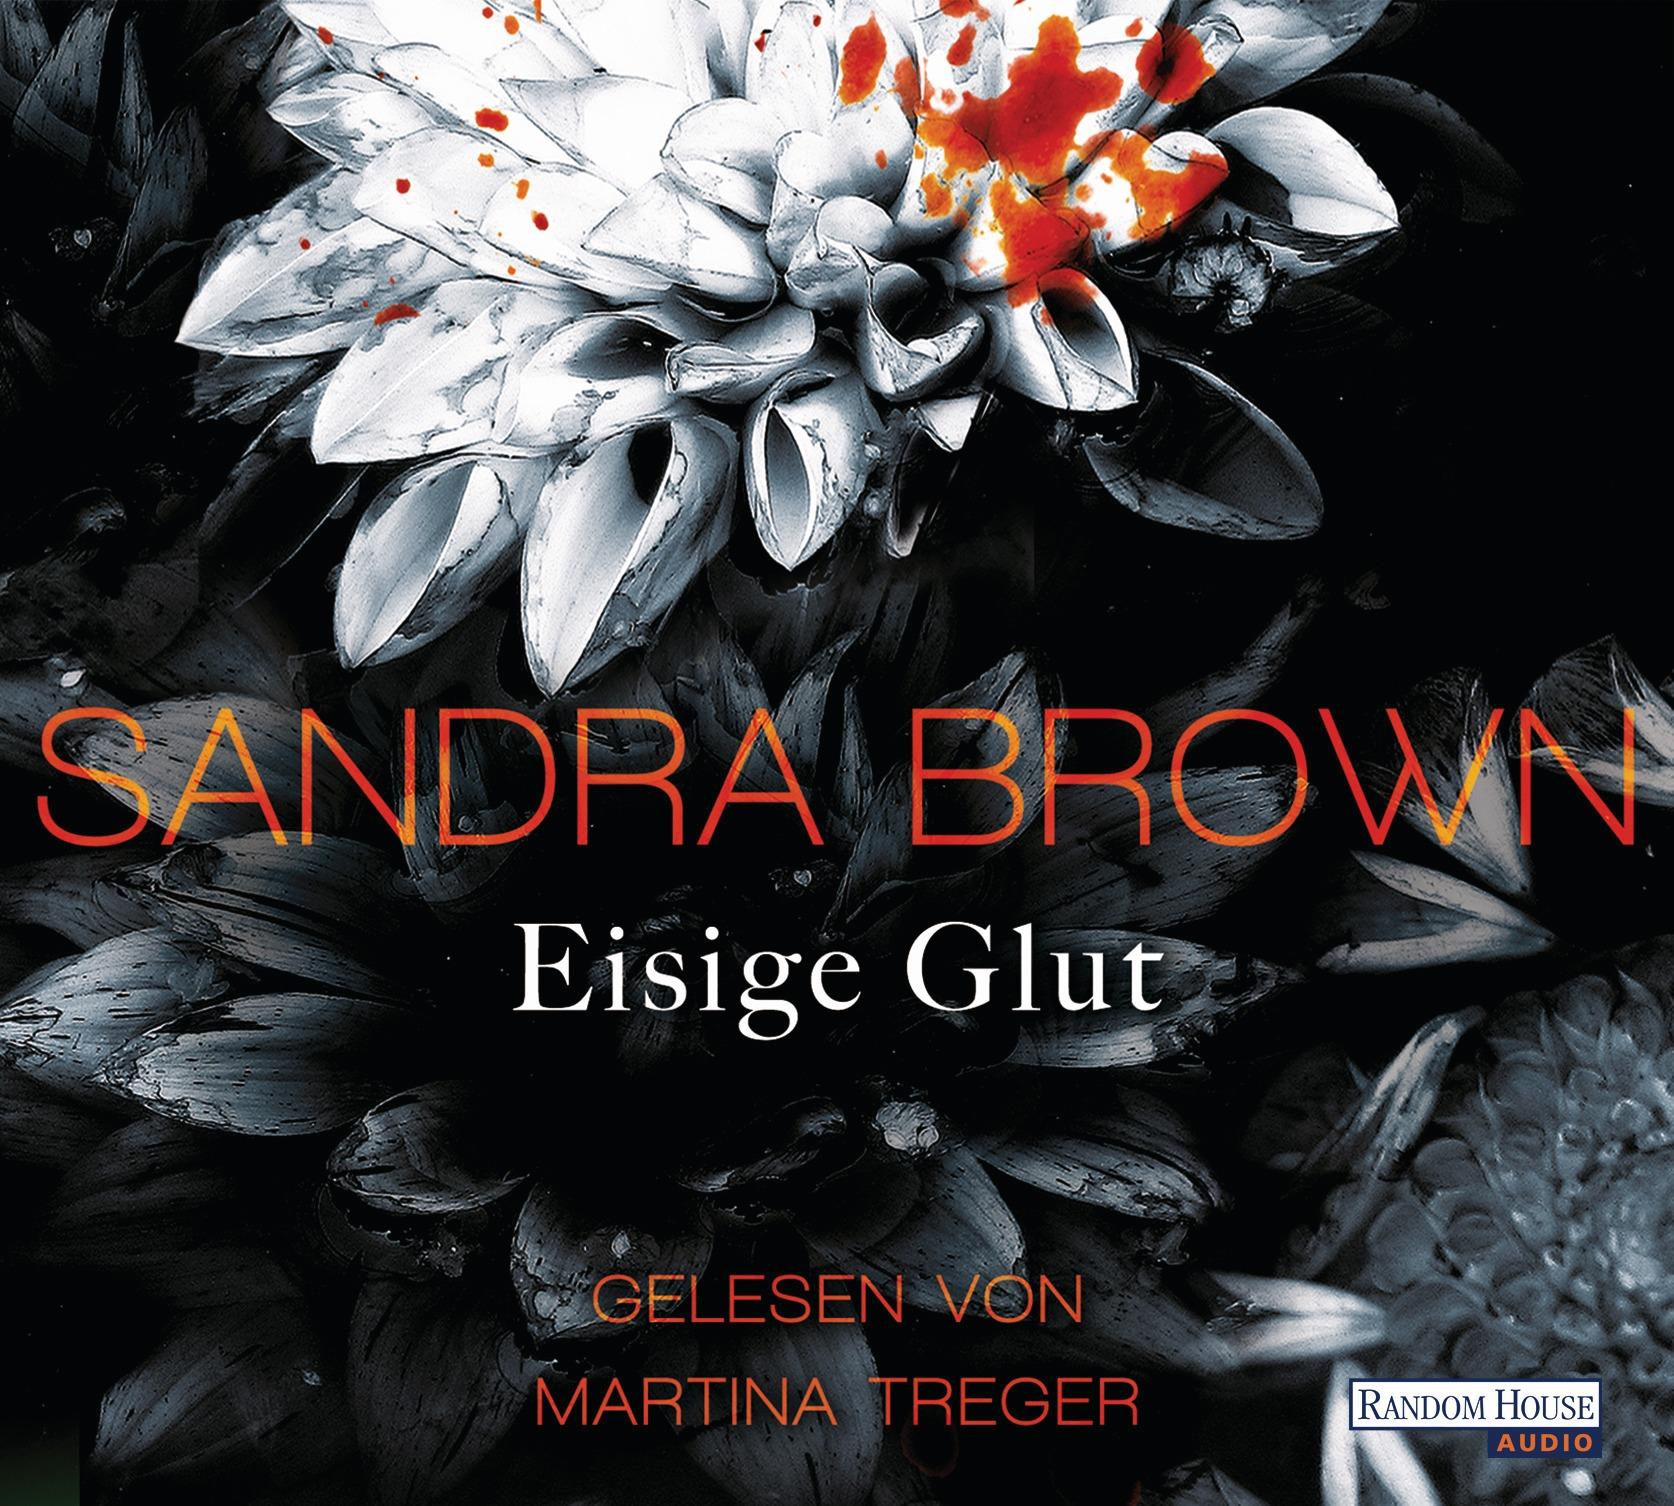 Eisige Glut von Sandra Brown